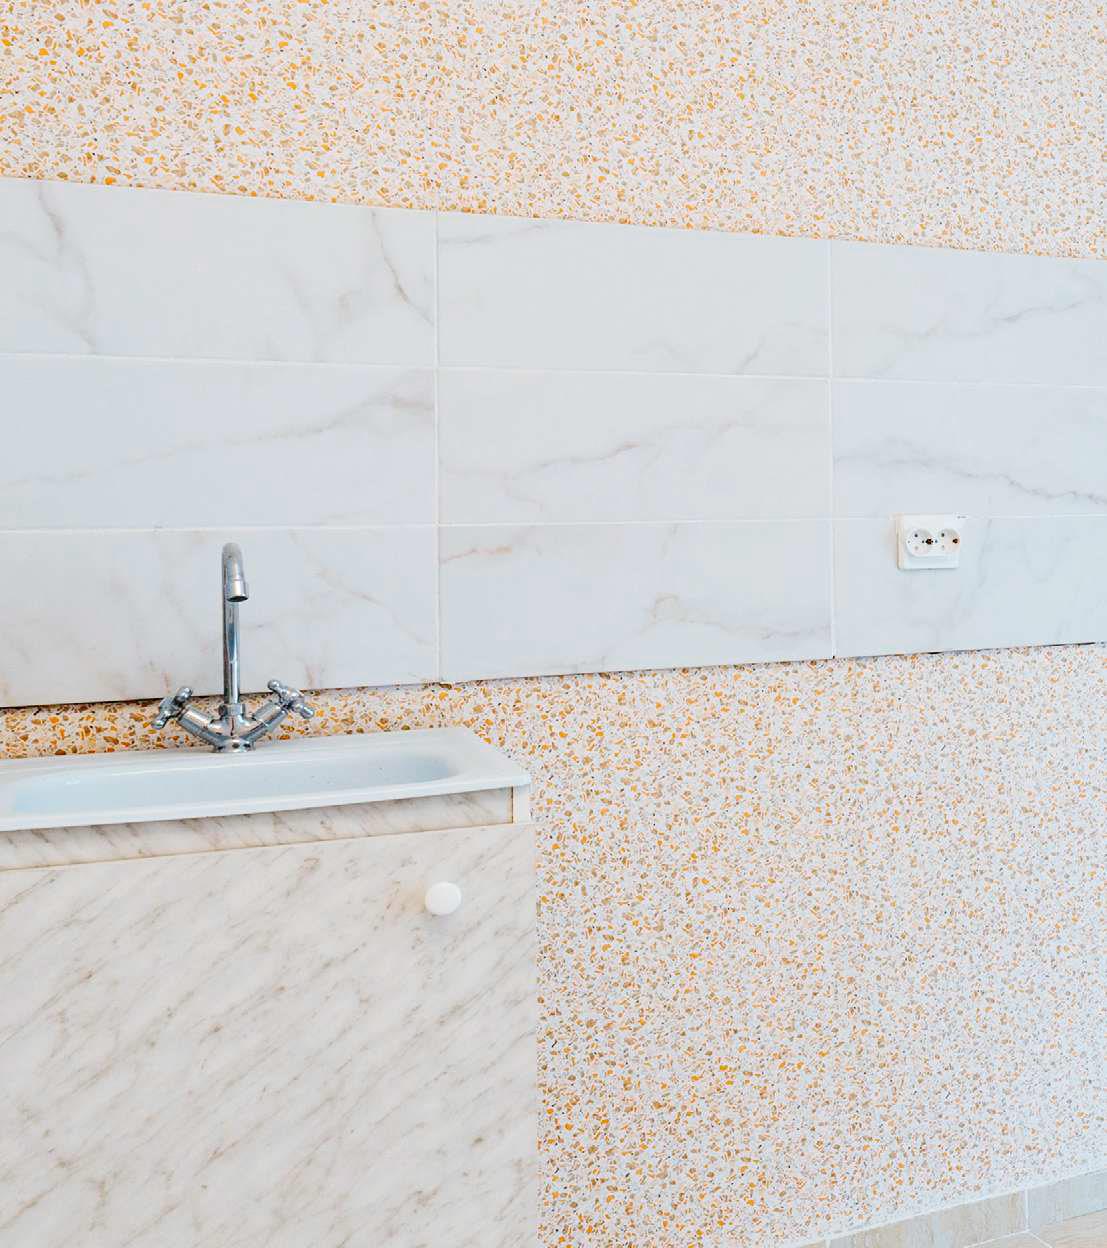 В отделке кухонной зоны — обои светлых тонов свозможностью окрашивания ифартук изкерамической плитки. Пол кухни застелен износостойким линолеумом